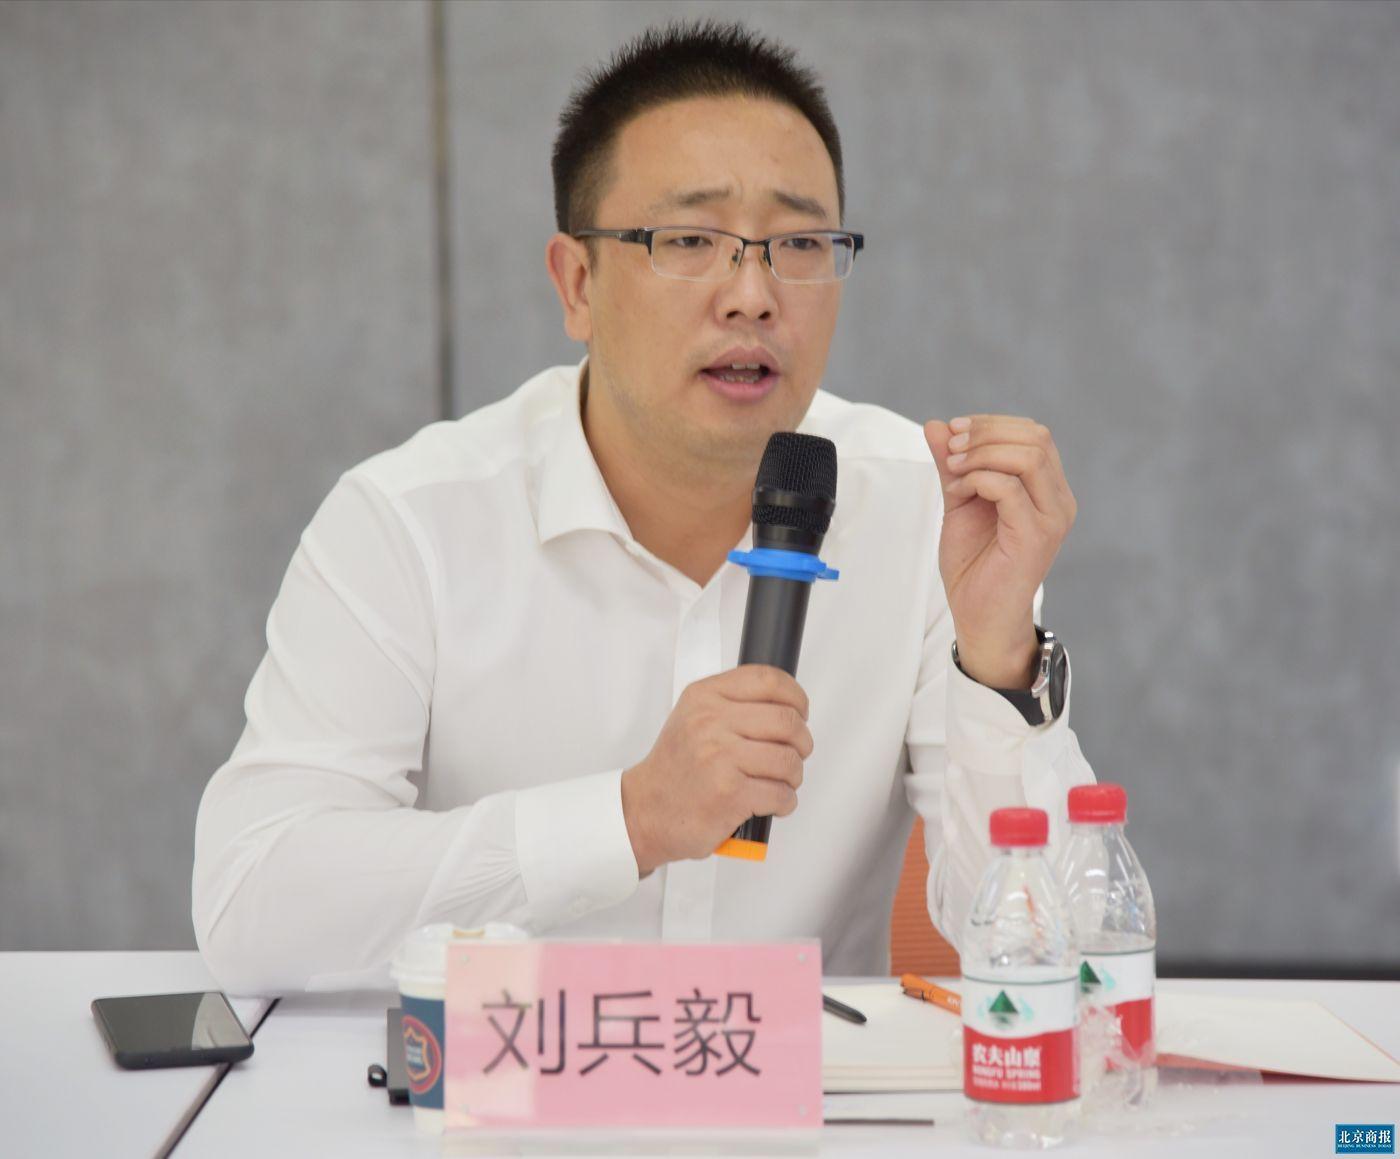 诺贝尔瓷砖刘兵毅:找准差异化定位  做好系统化陪衬